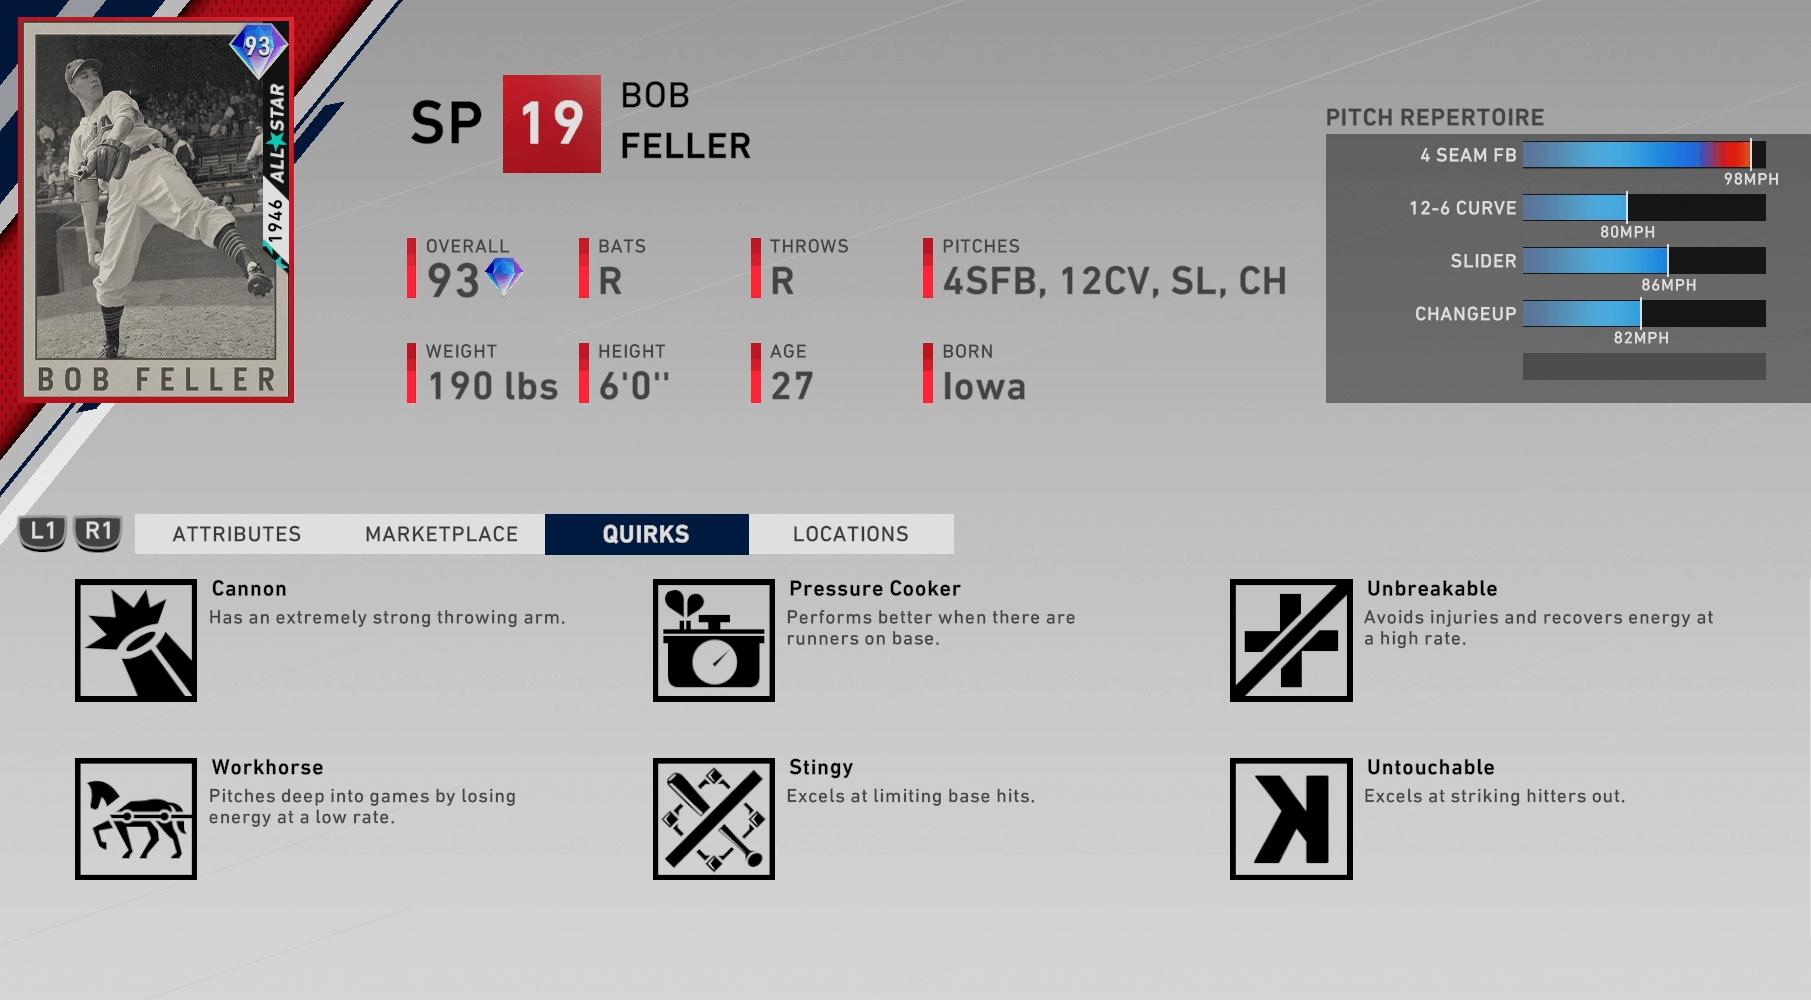 second-inning-program-bob-feller-quirks